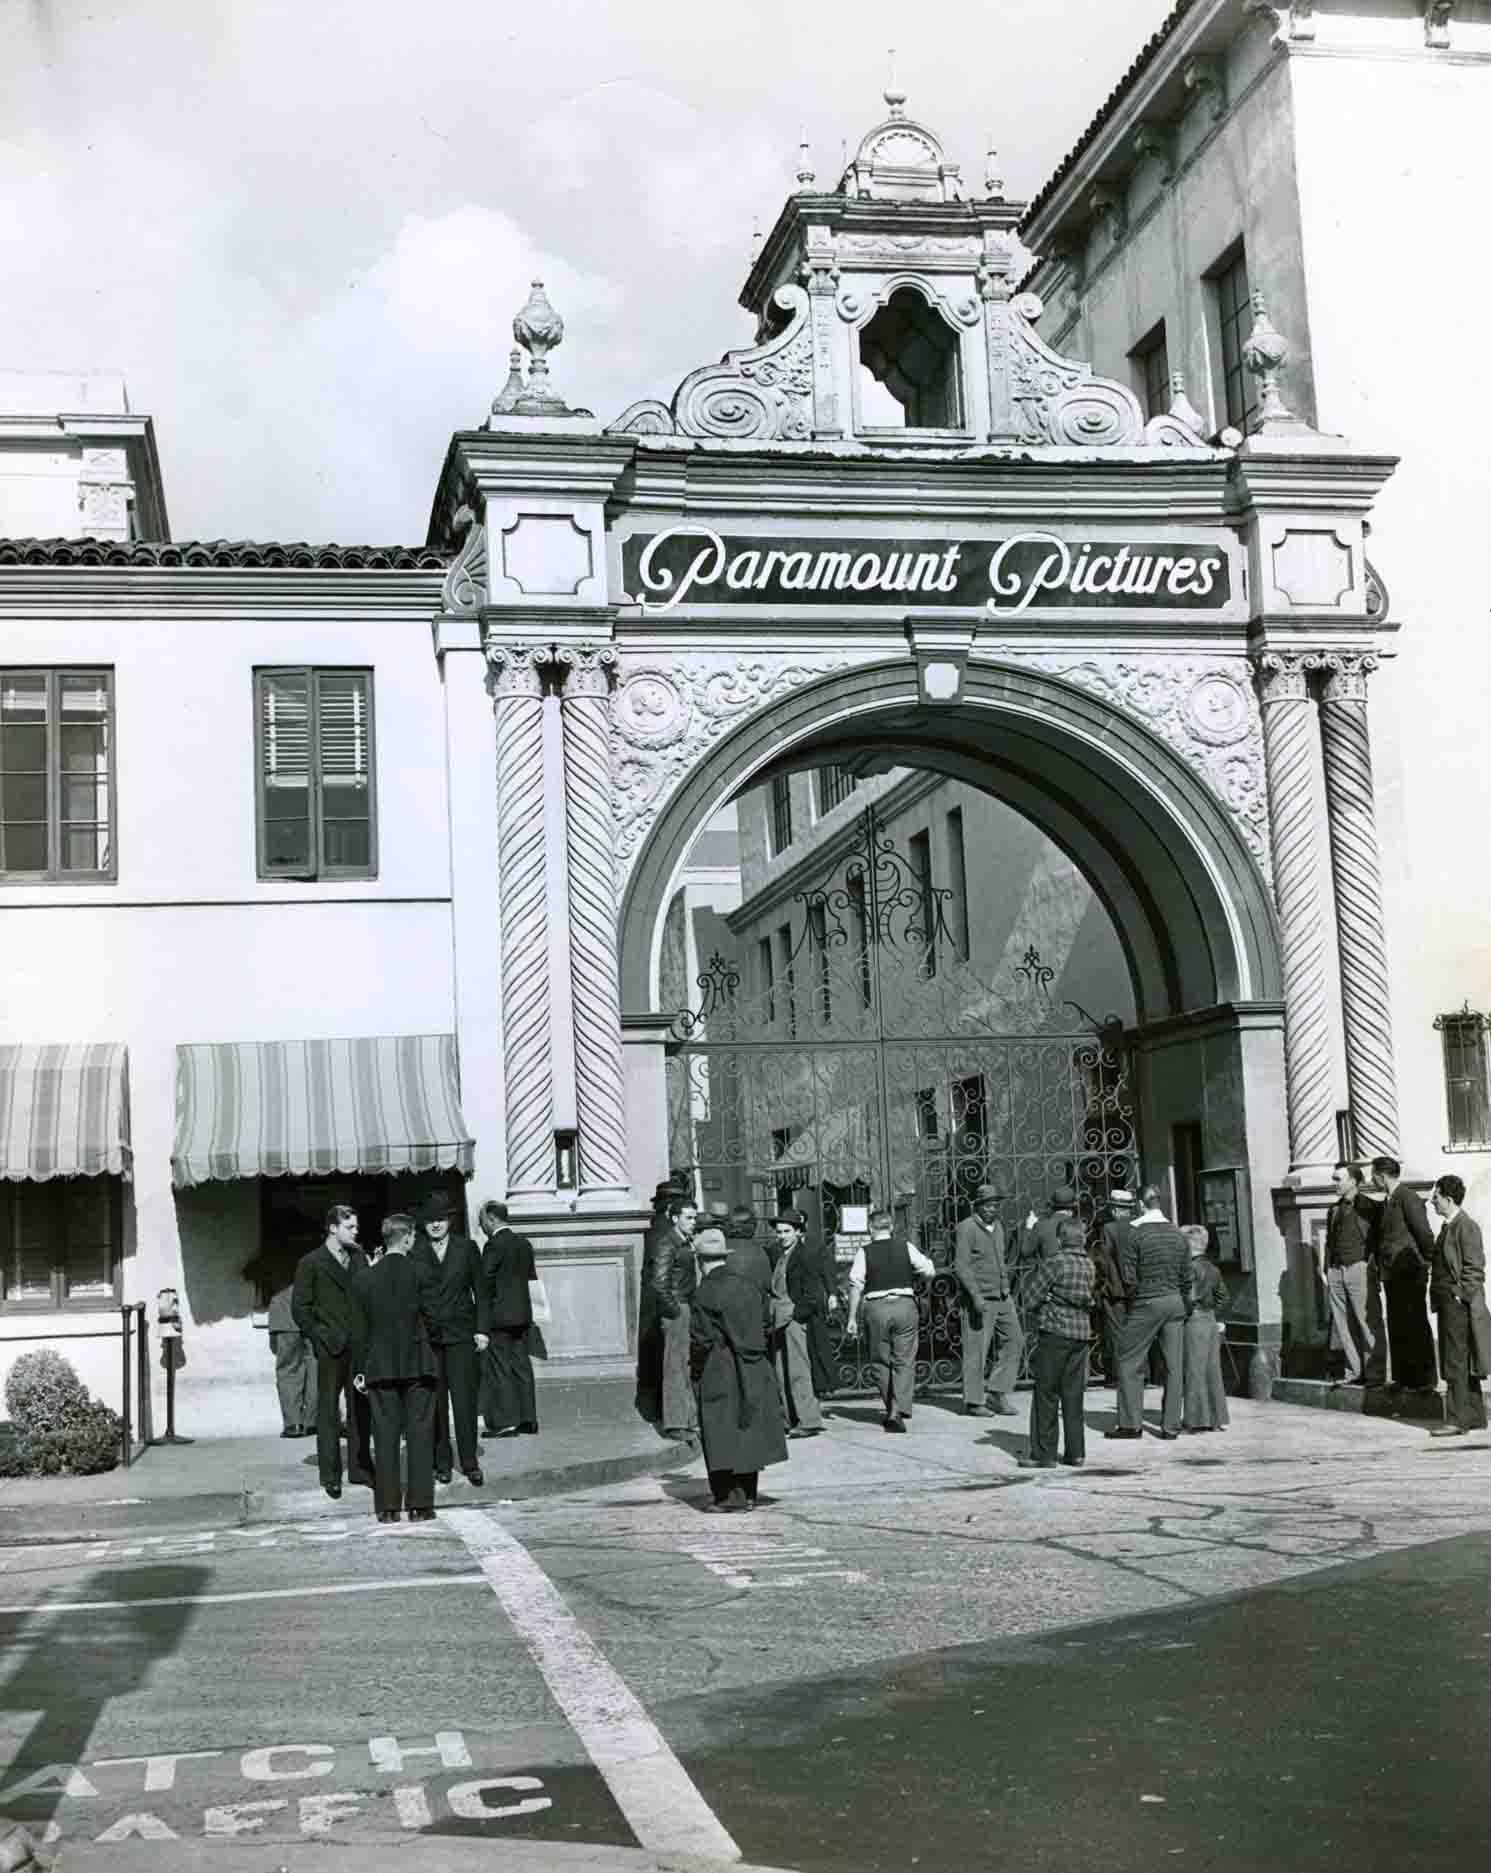 Paramount studio photo